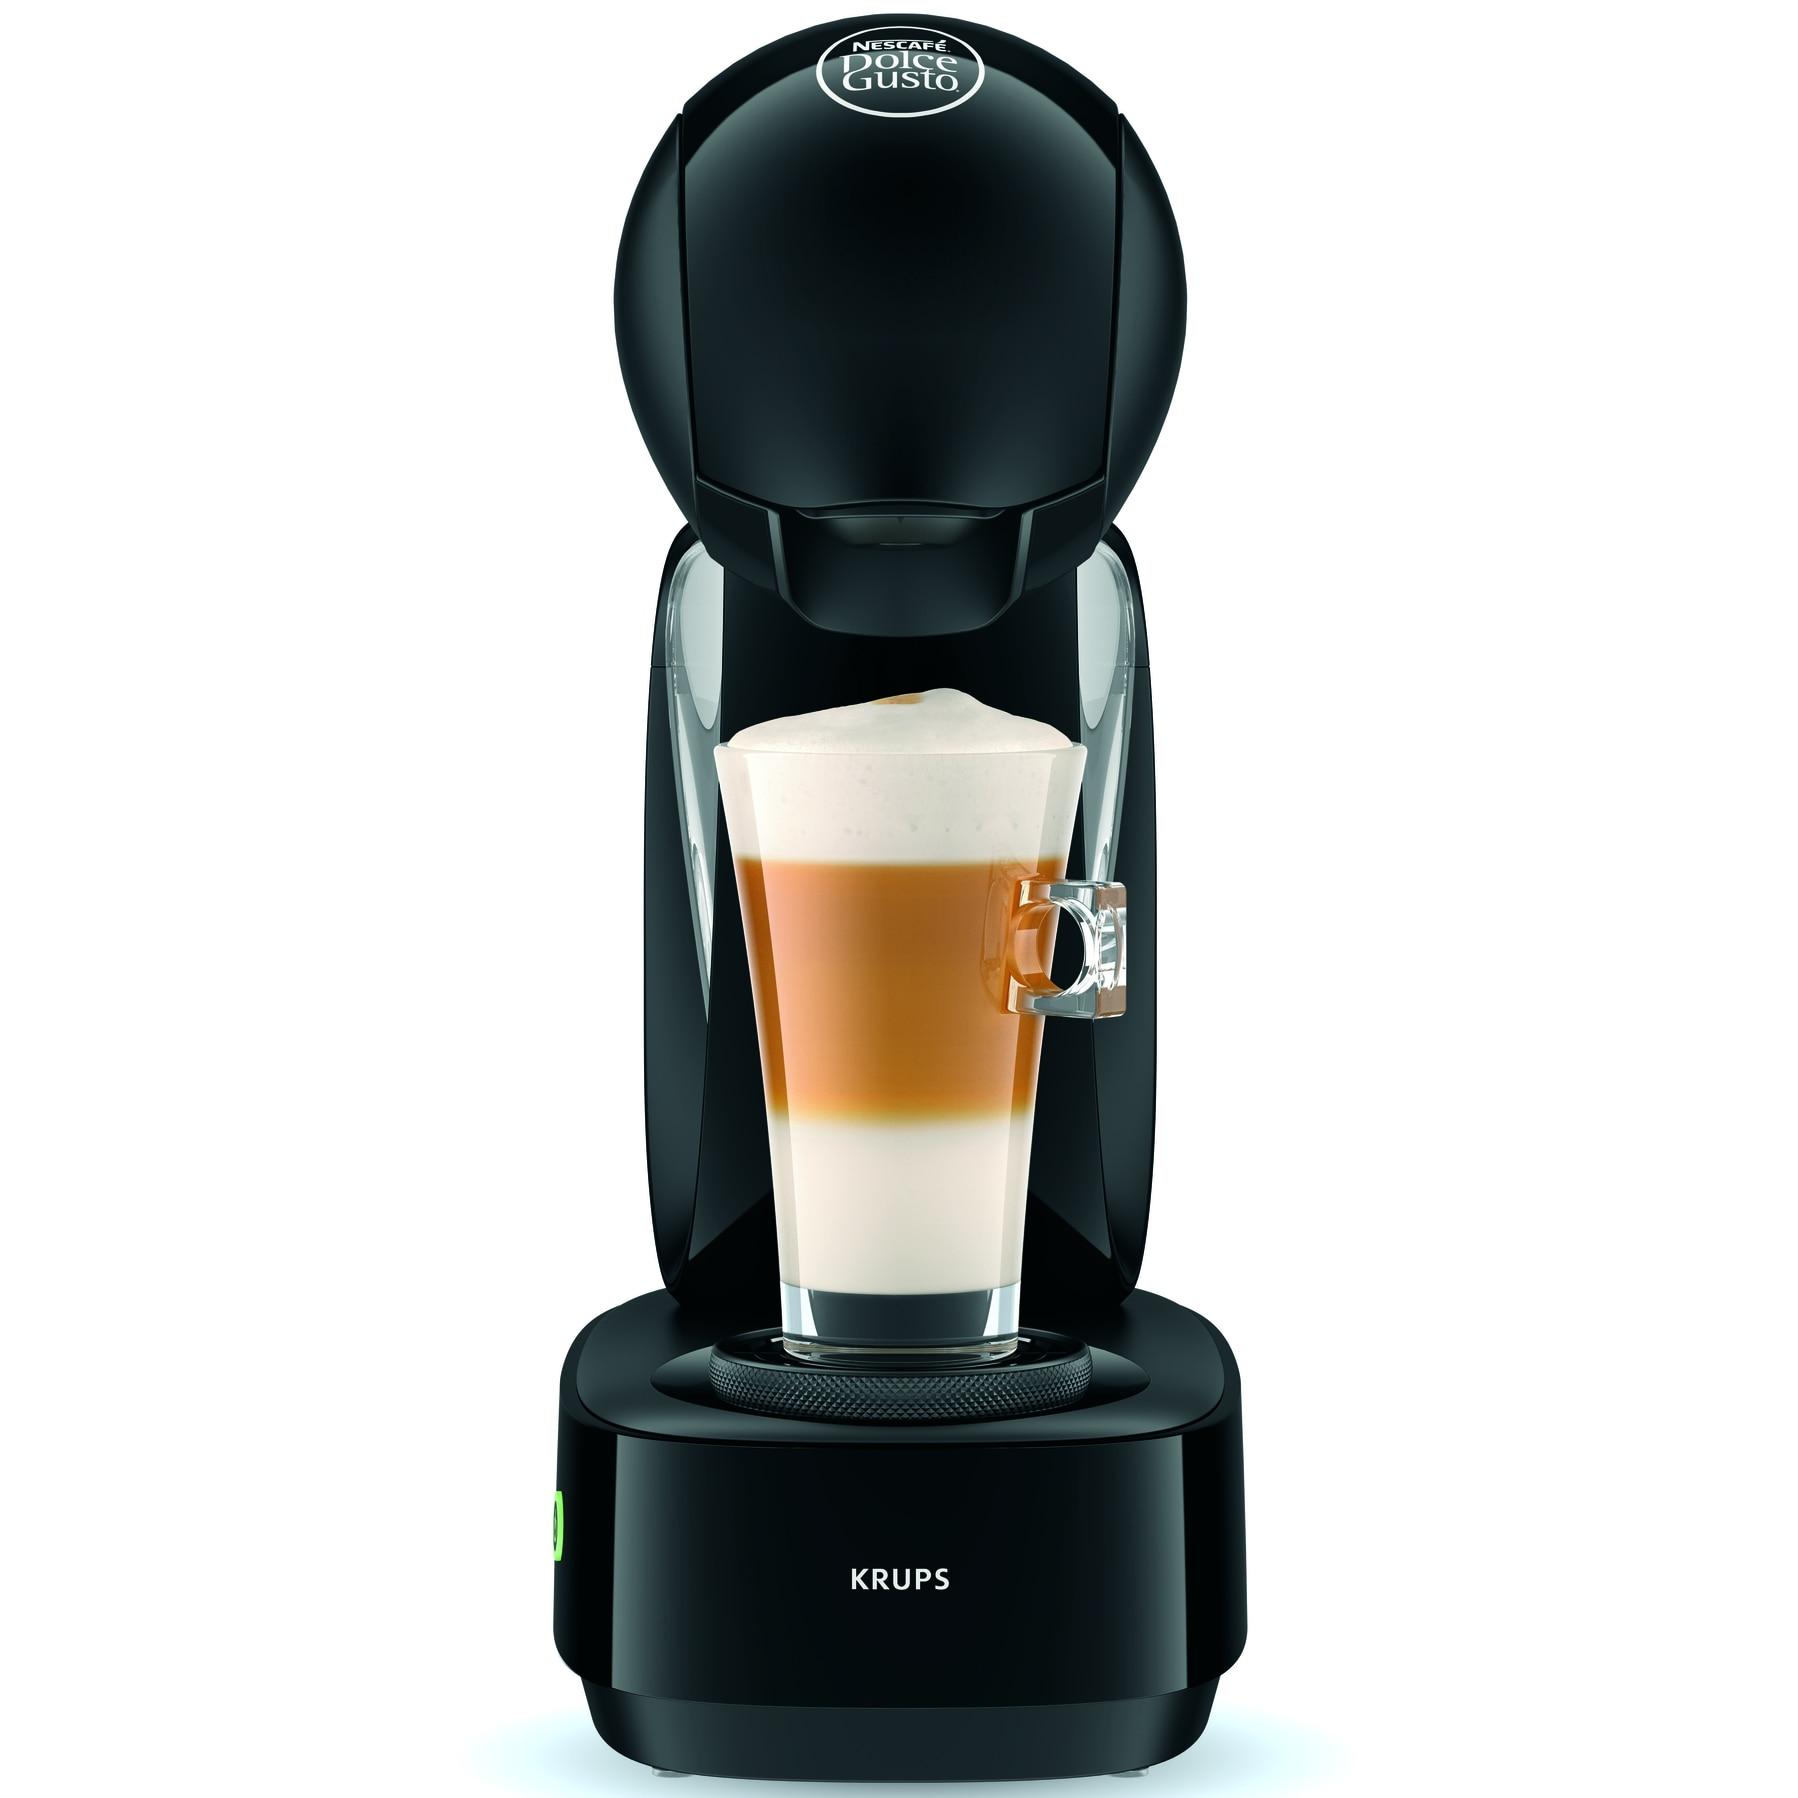 Krups KP130831 Dolce Gusto® Lumio eszpresszó kávéfőző, 1600W, 15 bar, 1 literes víztartály, Fekete eMAG.hu